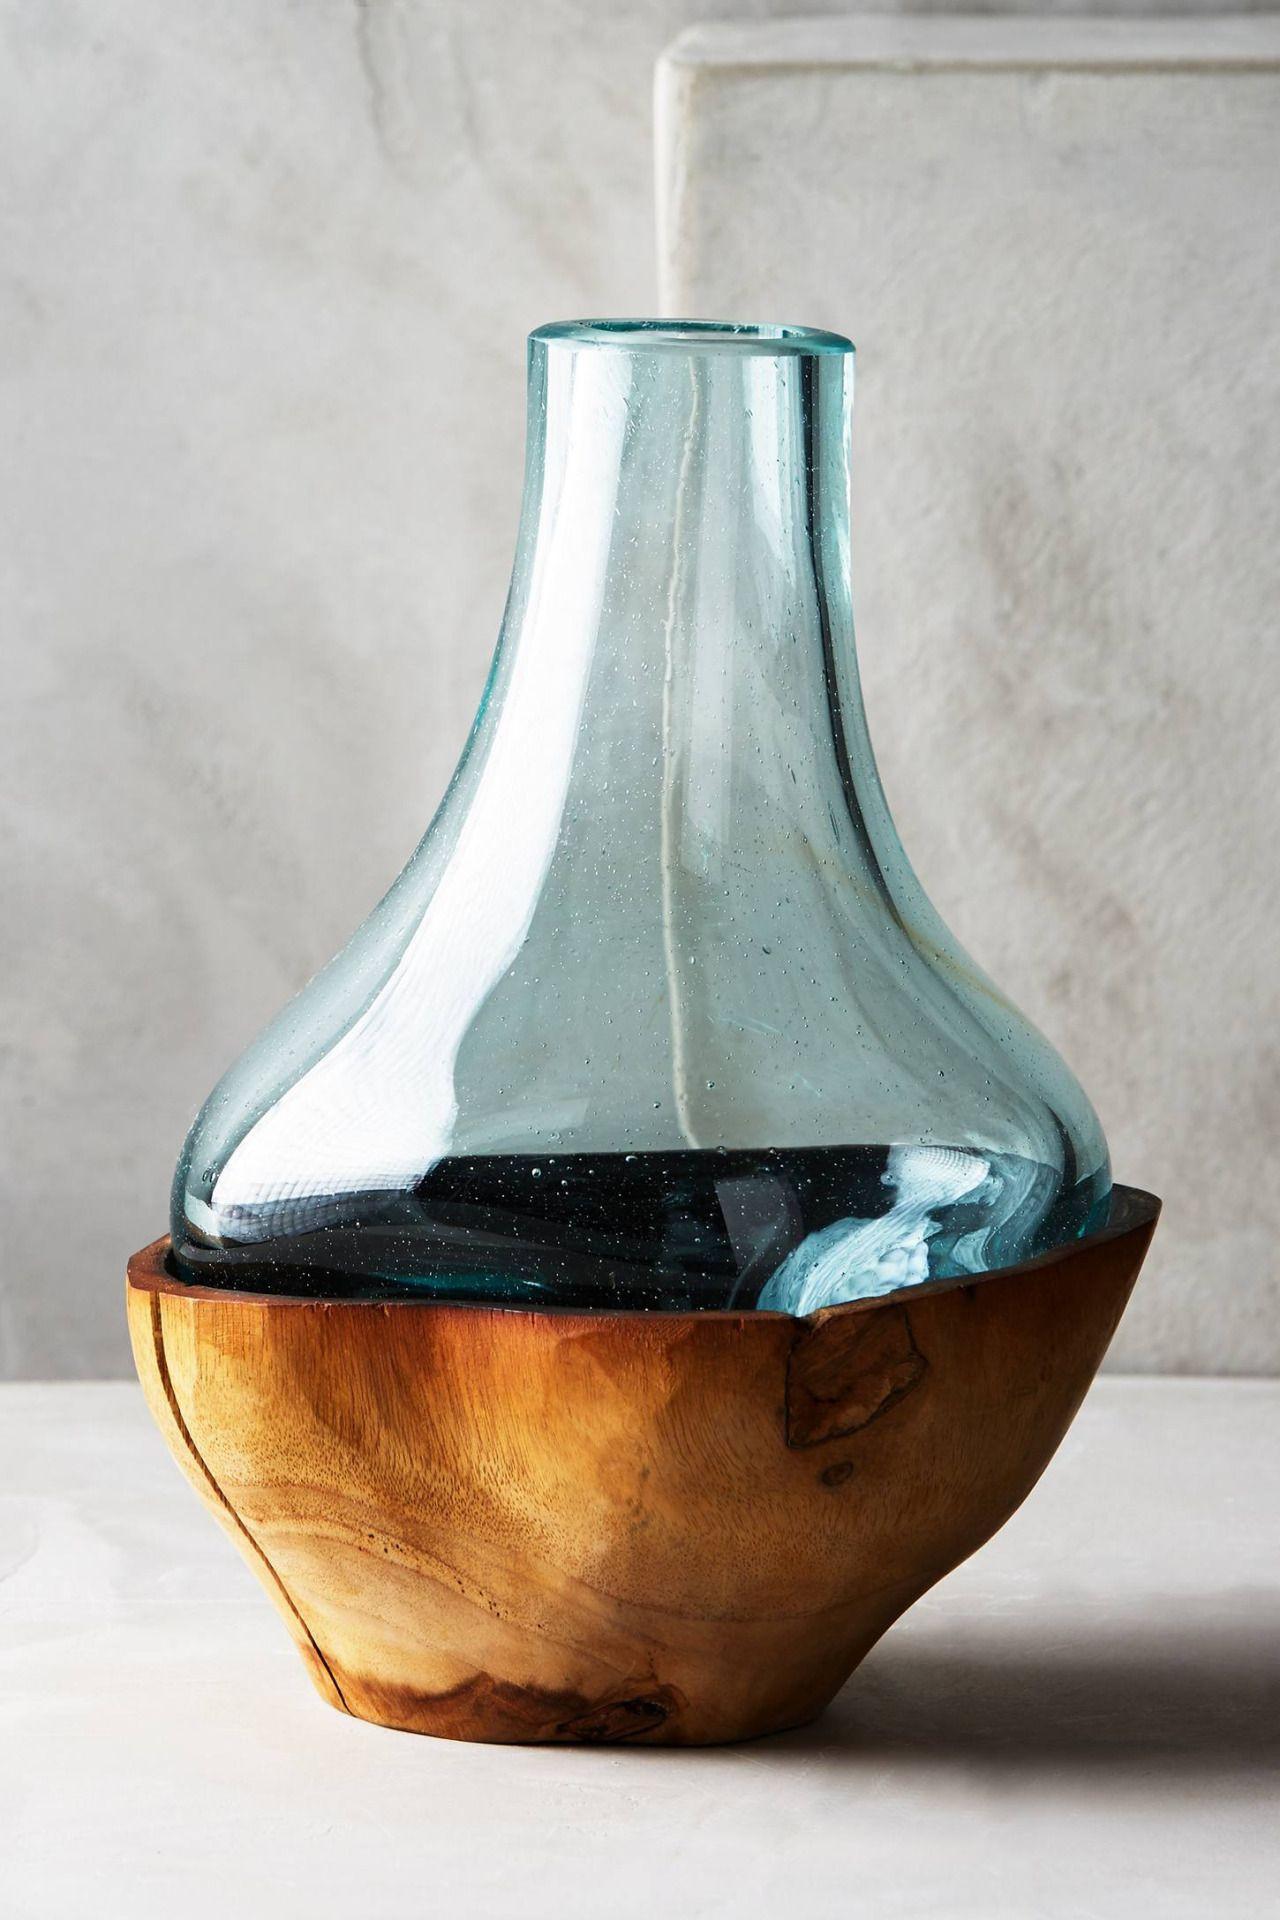 simple glass vase of teak and glass bottles designz pinterest glass bottle and teak regarding teak and glass bottles